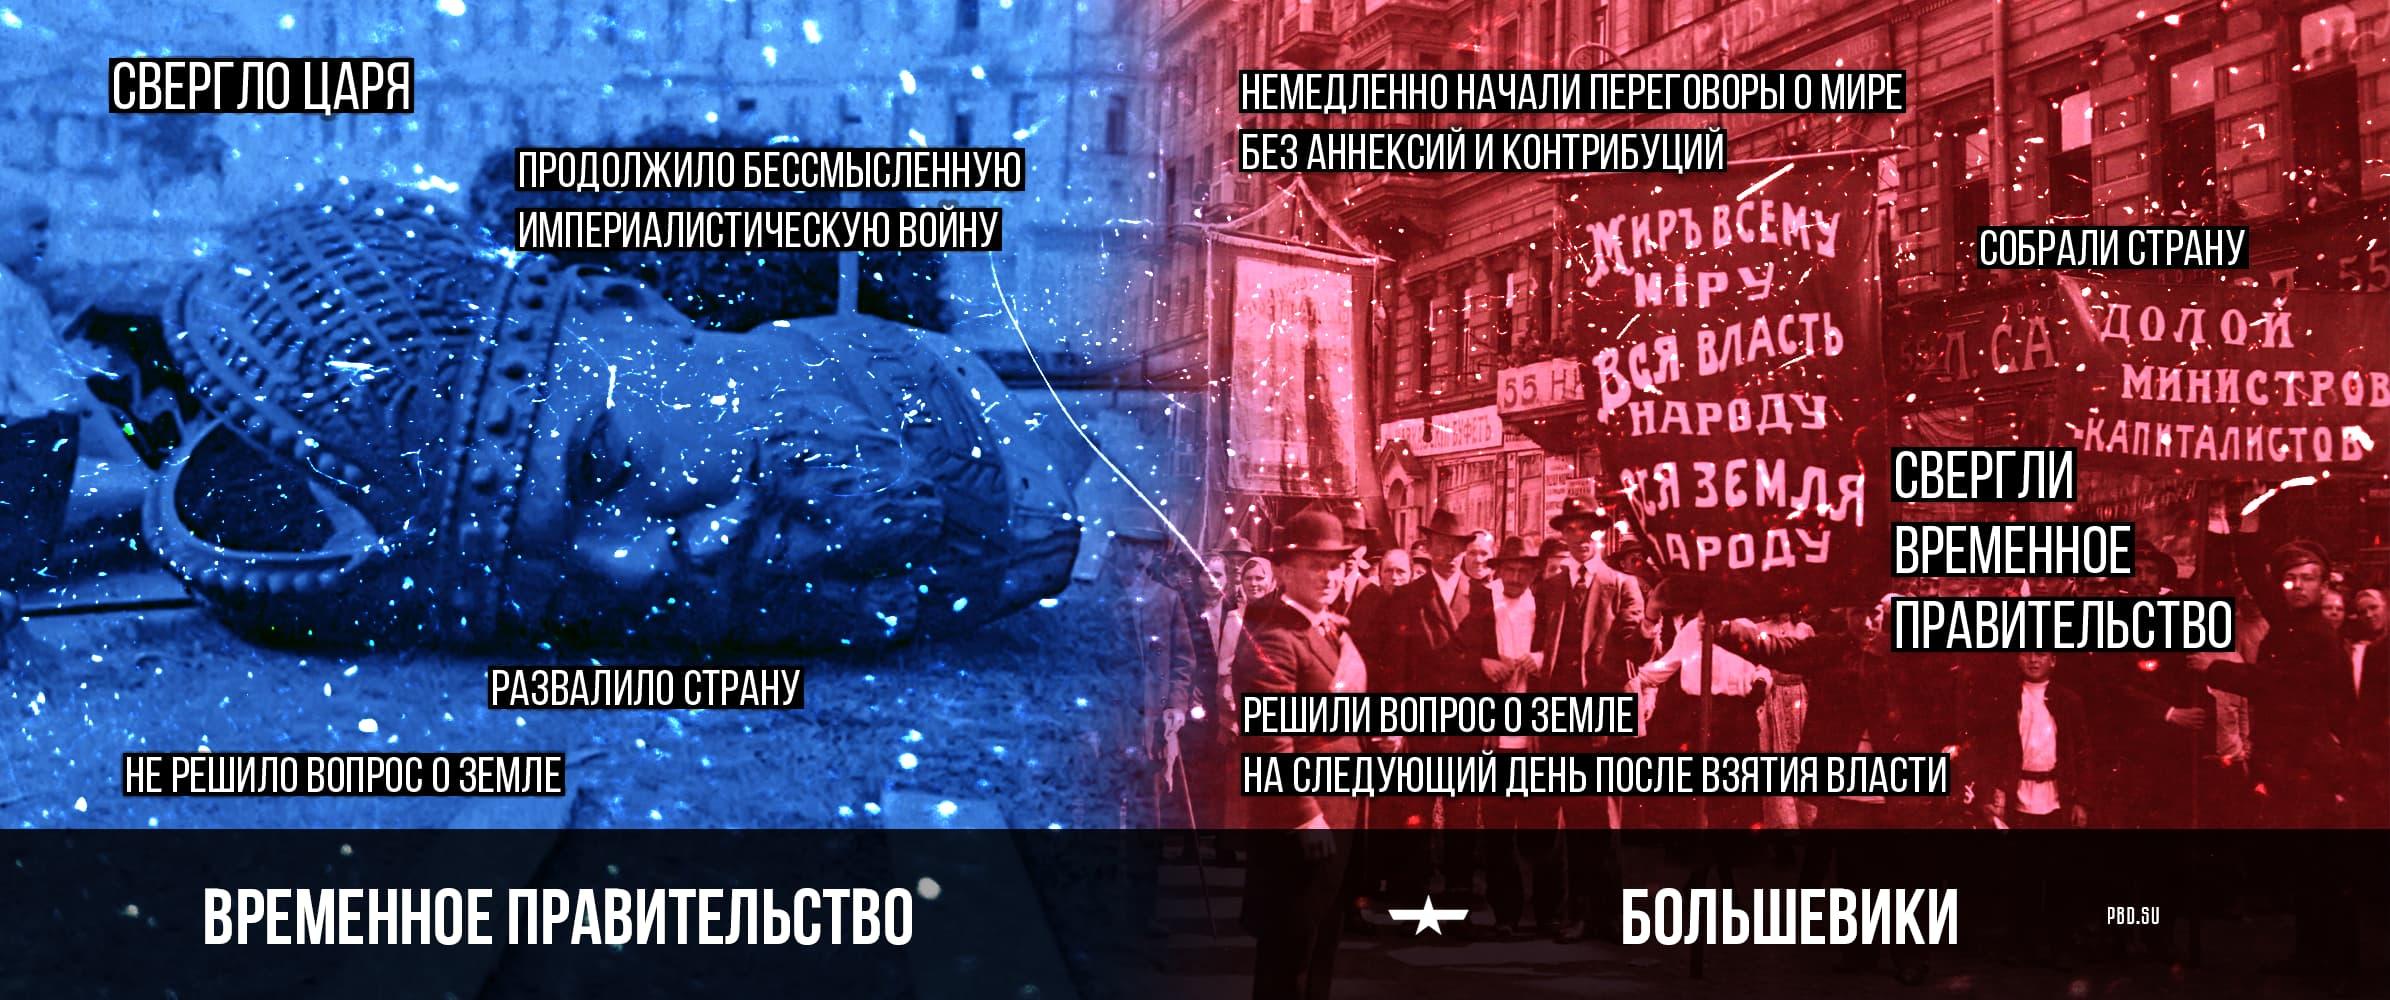 Многие люди до сих пор считают, что большевики свергли «царя-батюшку».  Бывает доходит до того, что на коммунистов списывают и продажу Аляски.  Поэтому не ... 899343d7ff3